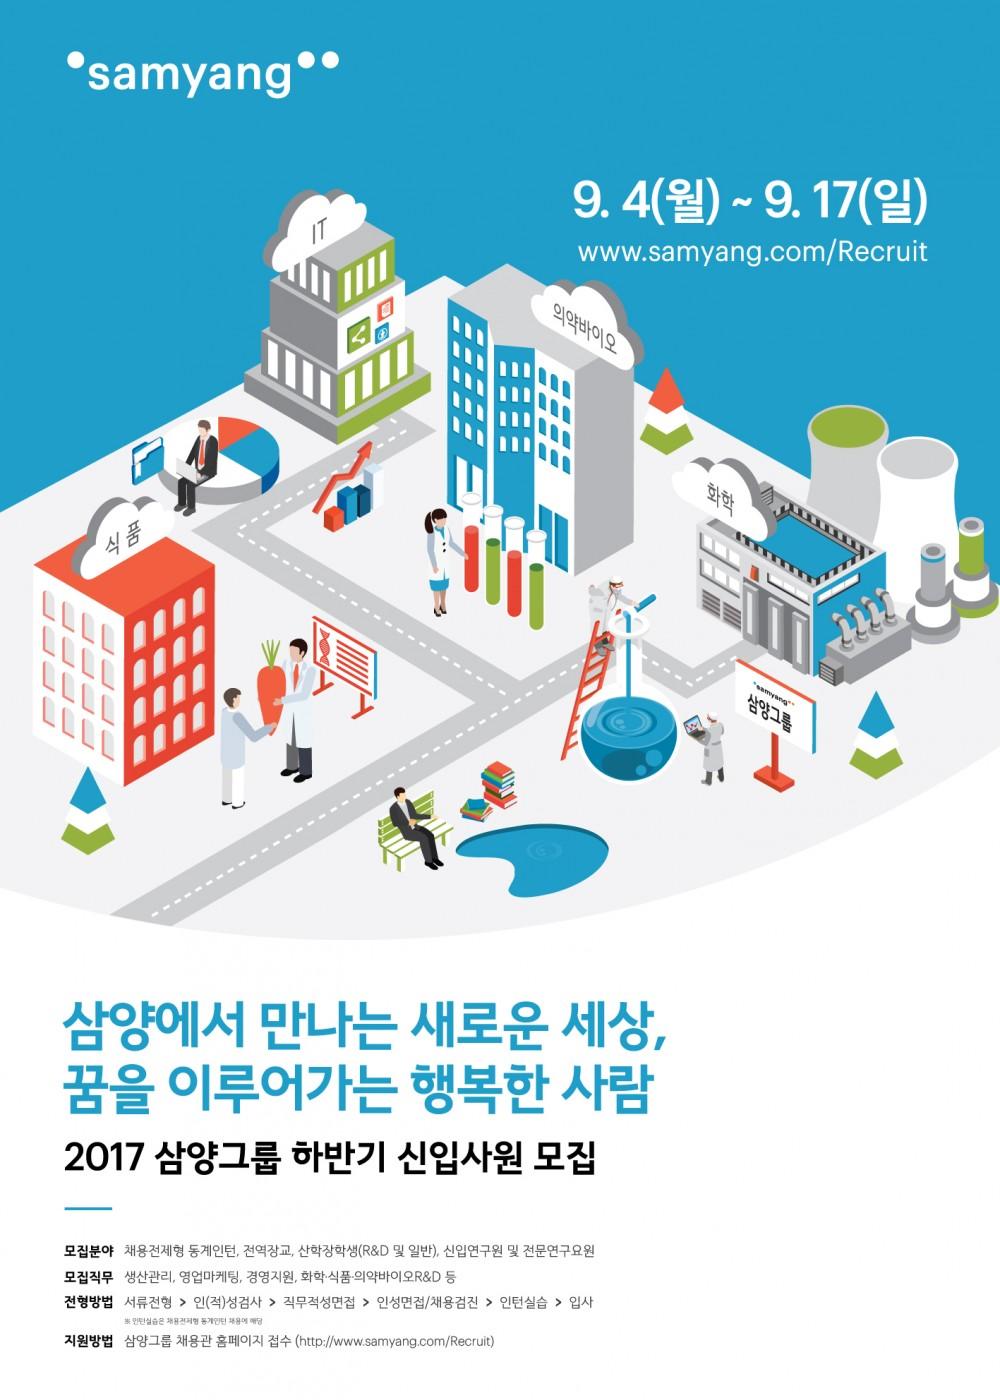 삼양그룹_2017_하반기_신입사원_모집공고_포스터.jpg